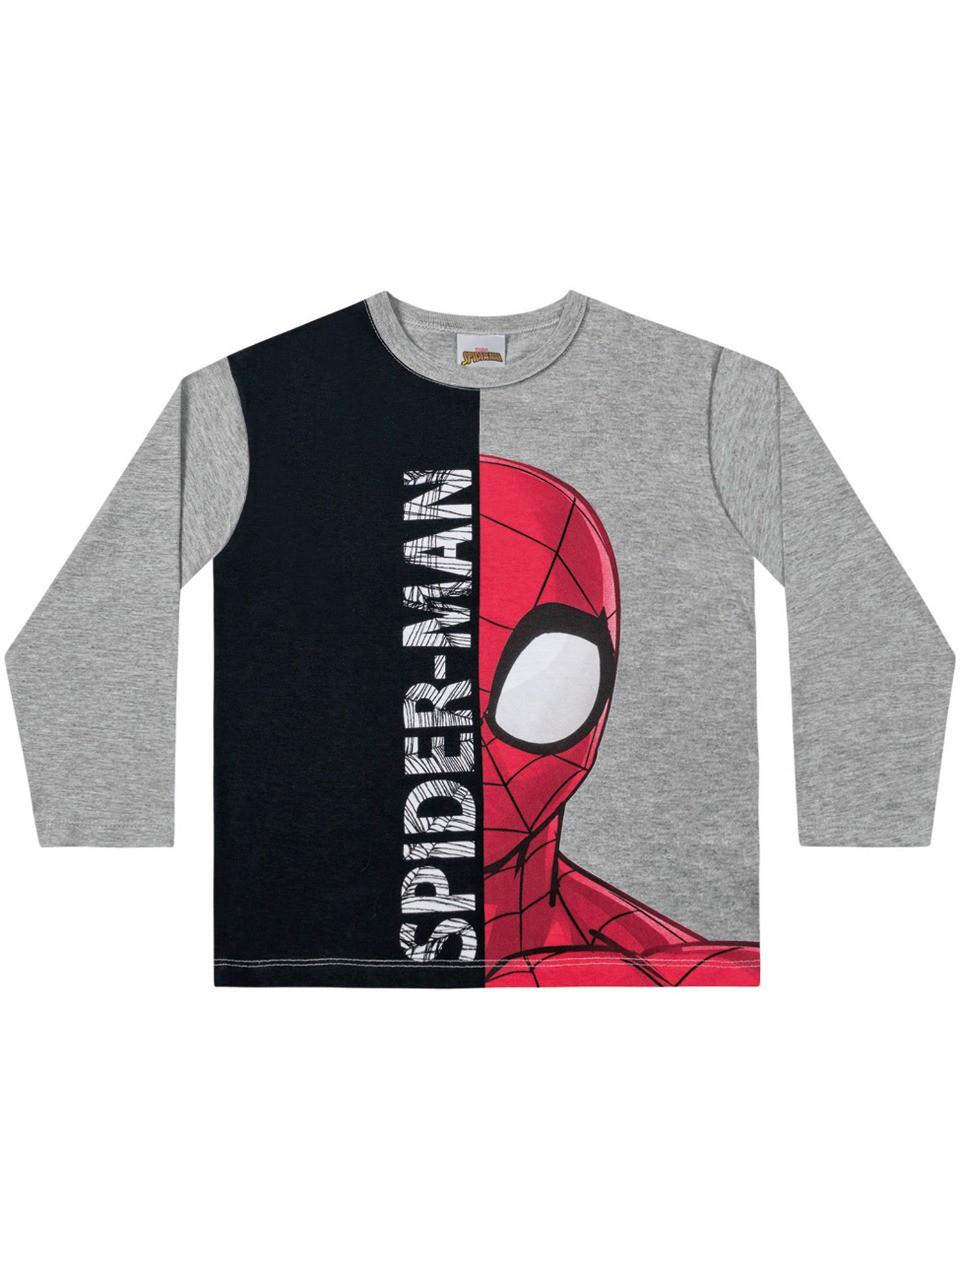 Camiseta infantil manga longa Homem Aranha - Marvel Fakini